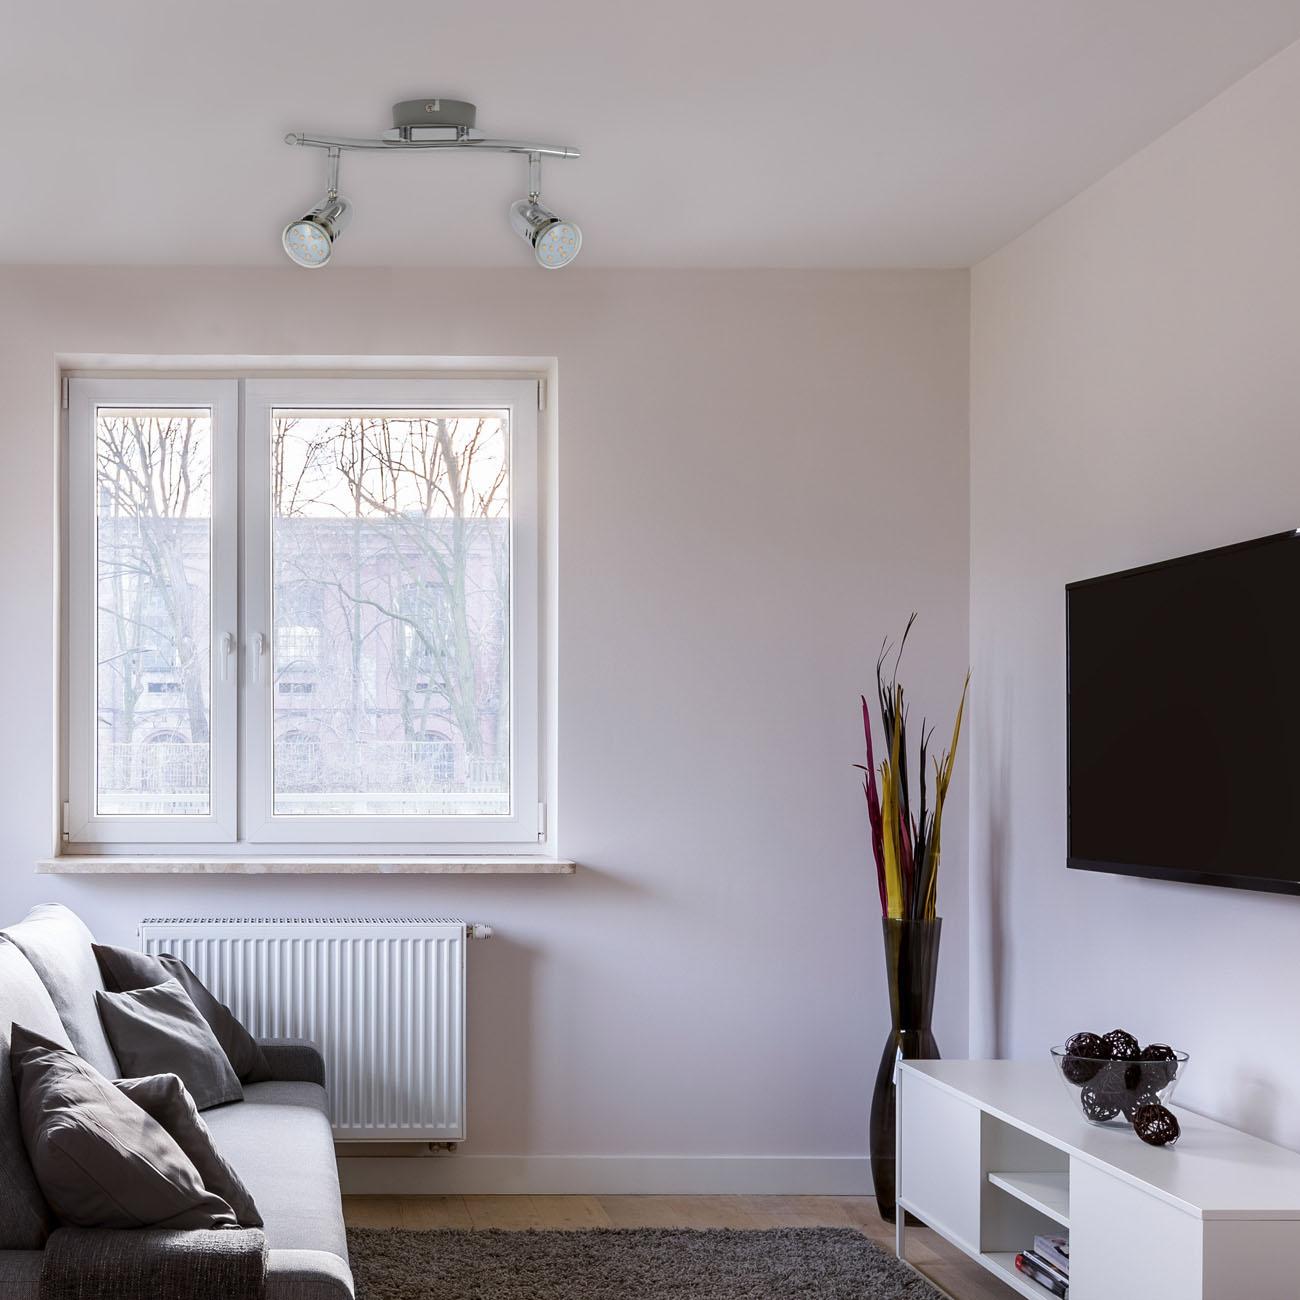 LED Deckenleuchte Spotleuchte GU10 - 2